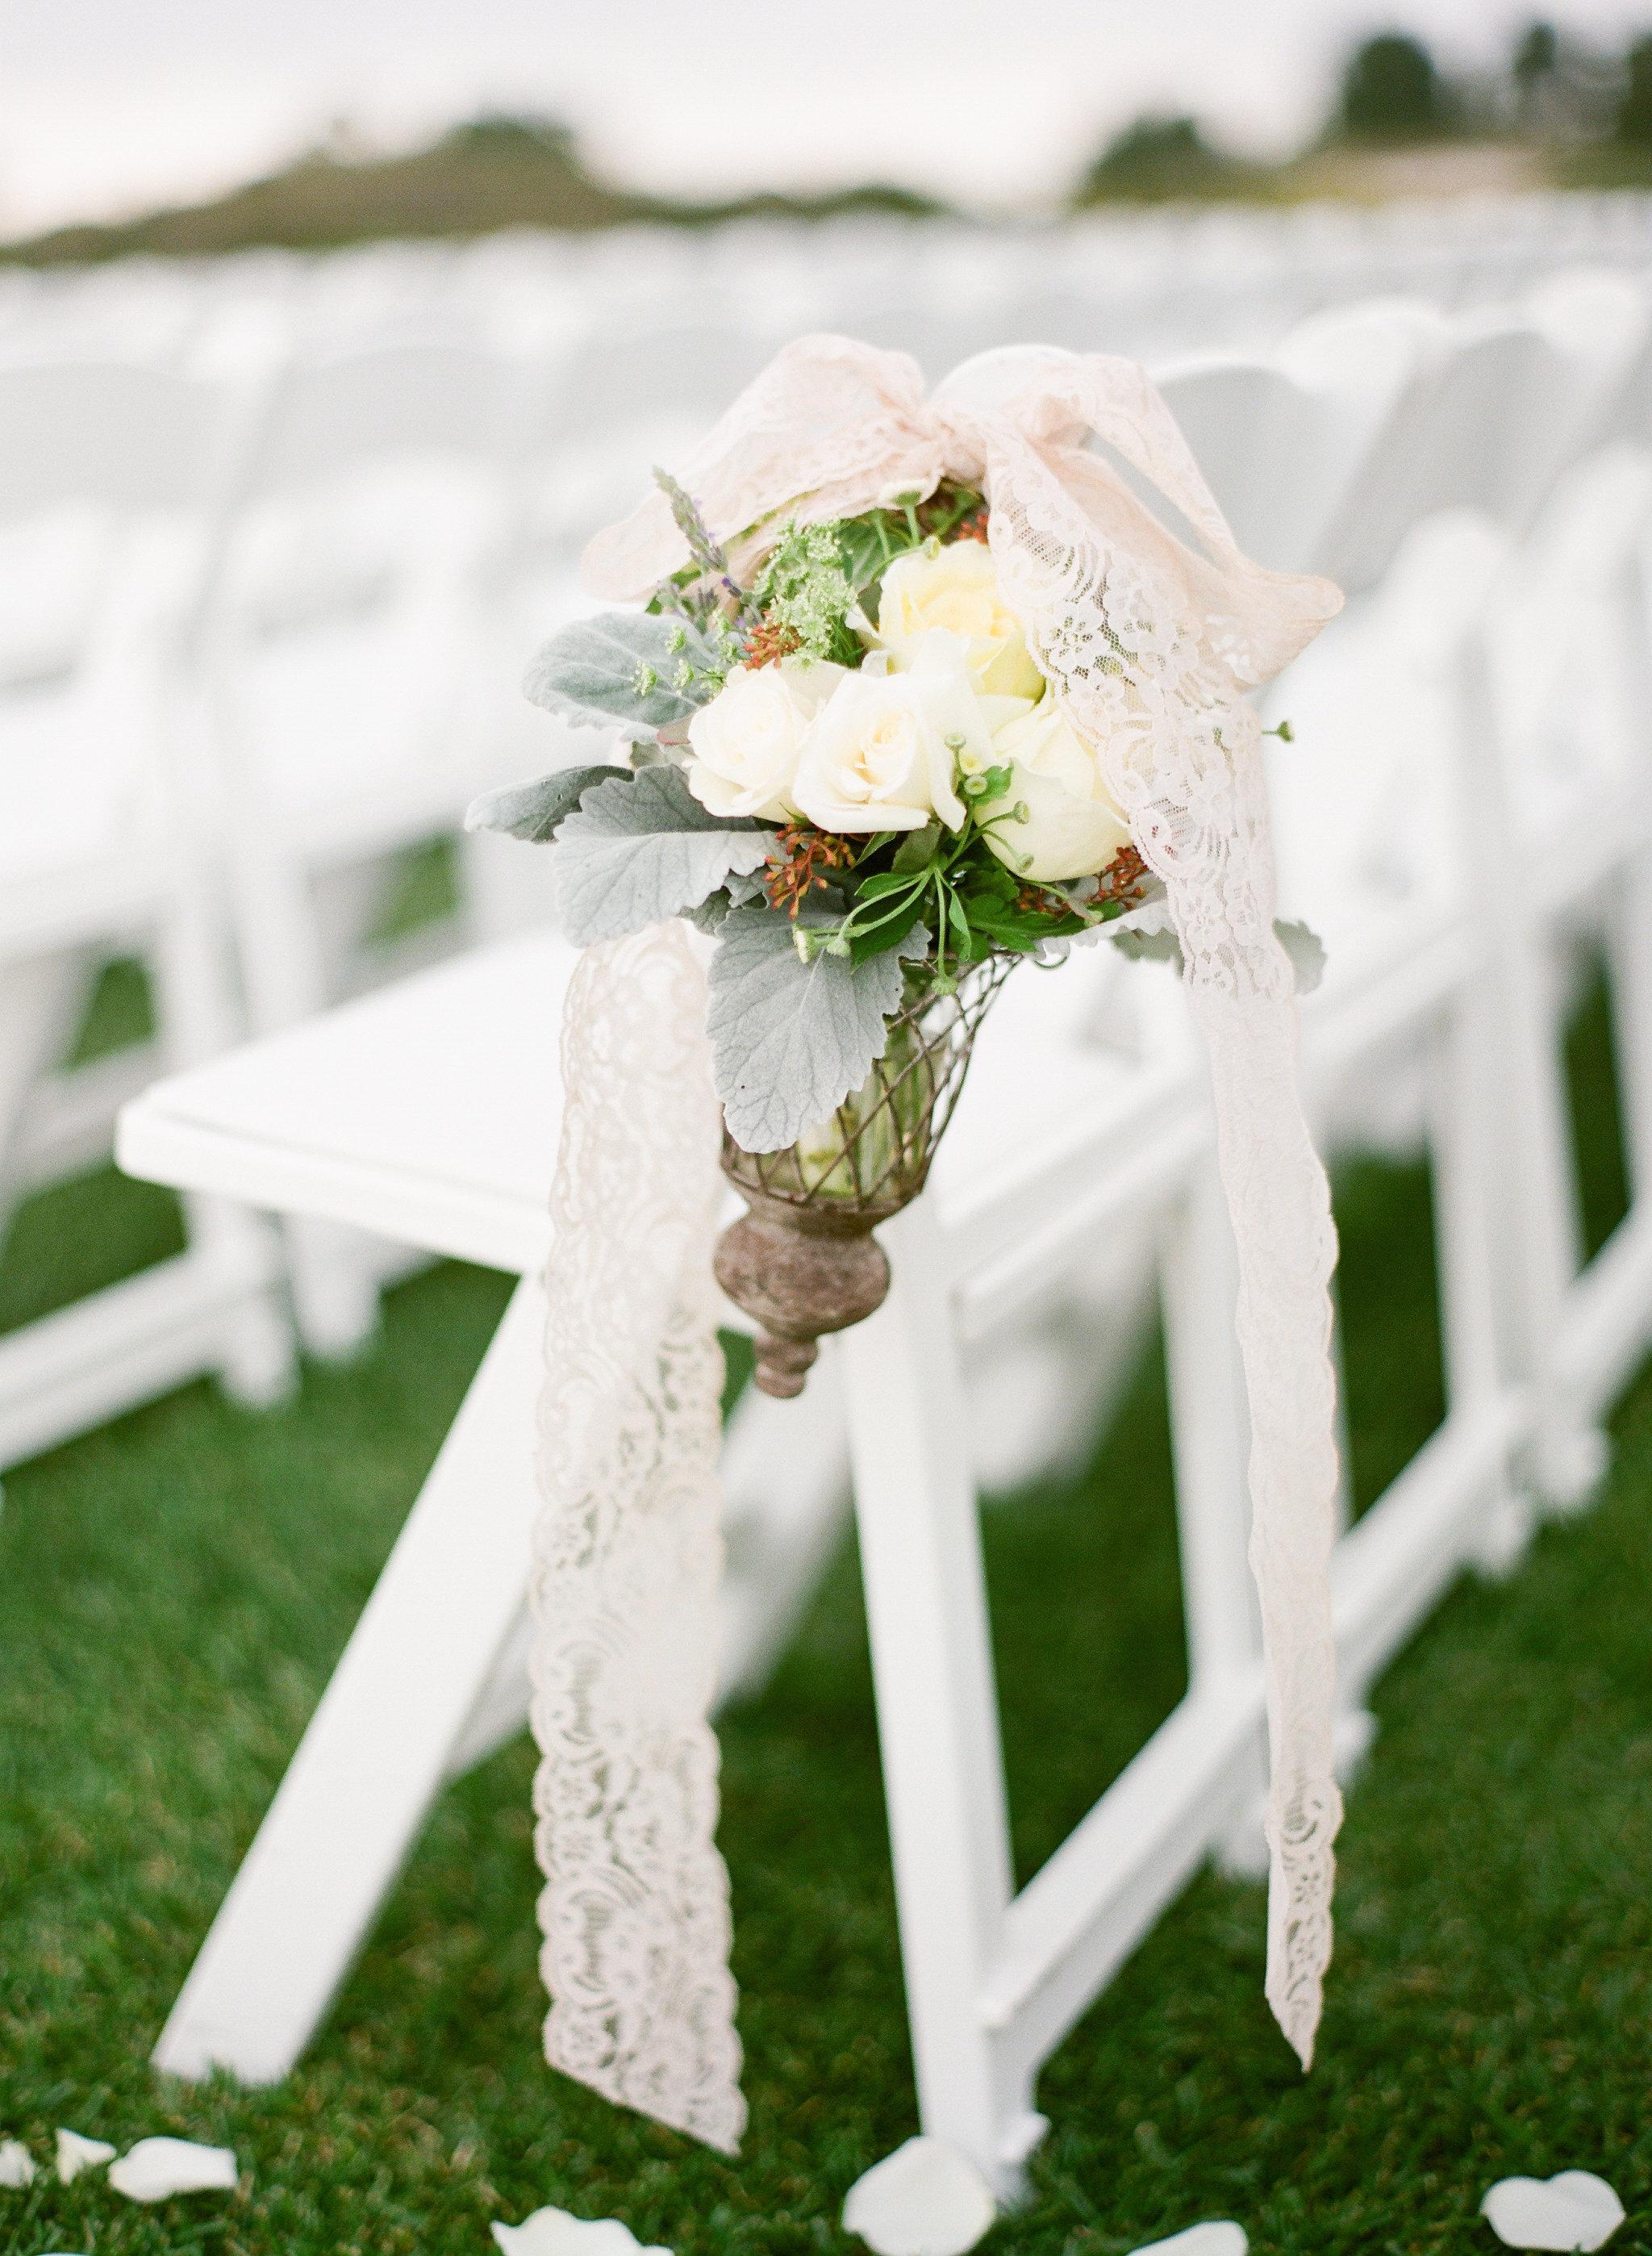 Carma's Wedding for Annette-0001.jpg